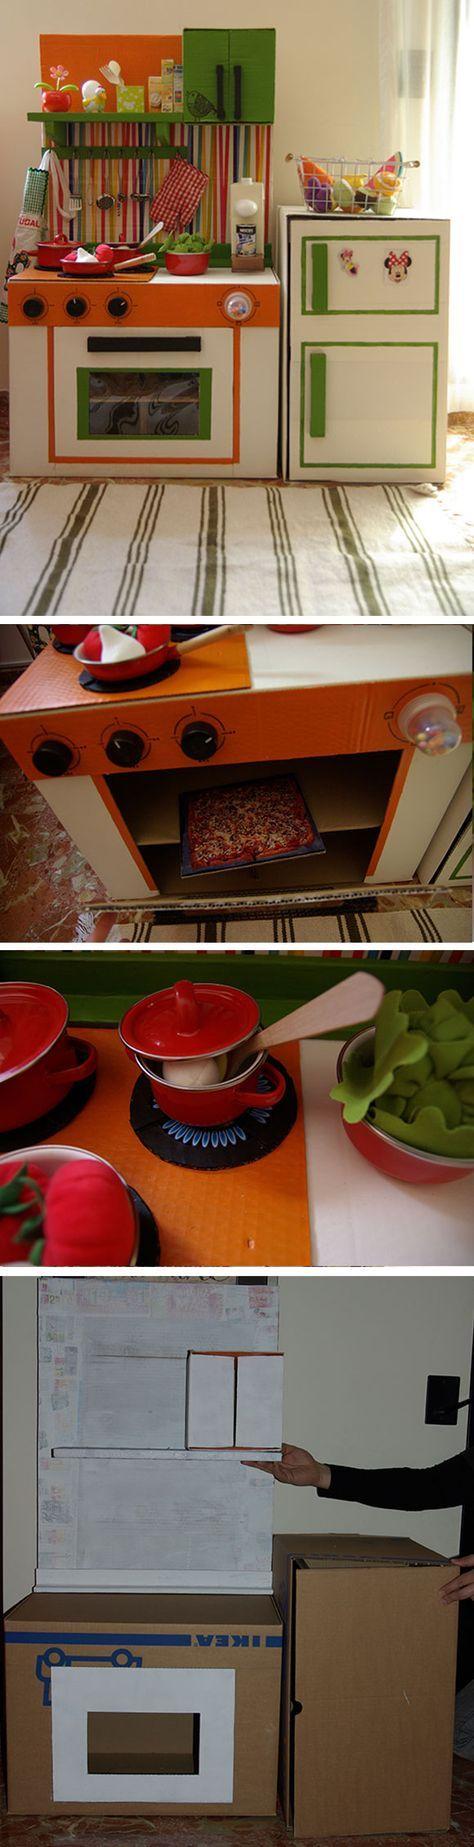 Cocina De Juguete Hecha Con Cajas De Carton Cocina De Carton Juguetes De Carton Casas De Carton